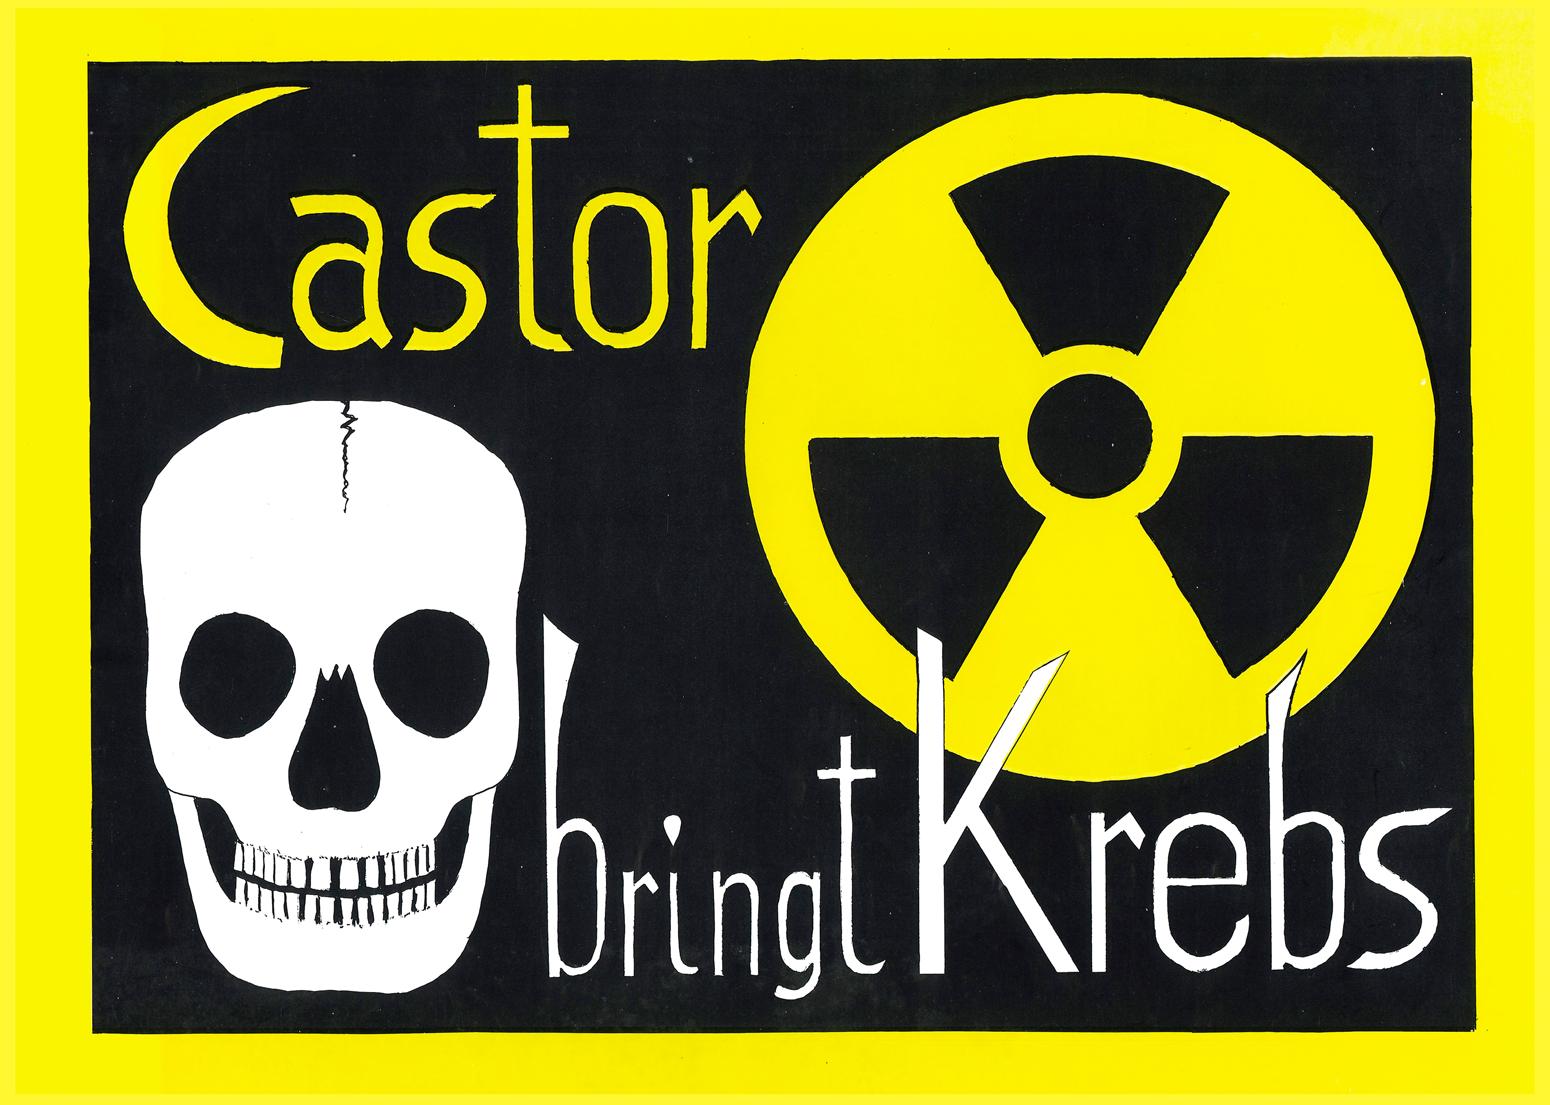 カストーア(核廃棄物用特殊容器)が癌を連れてやってくる